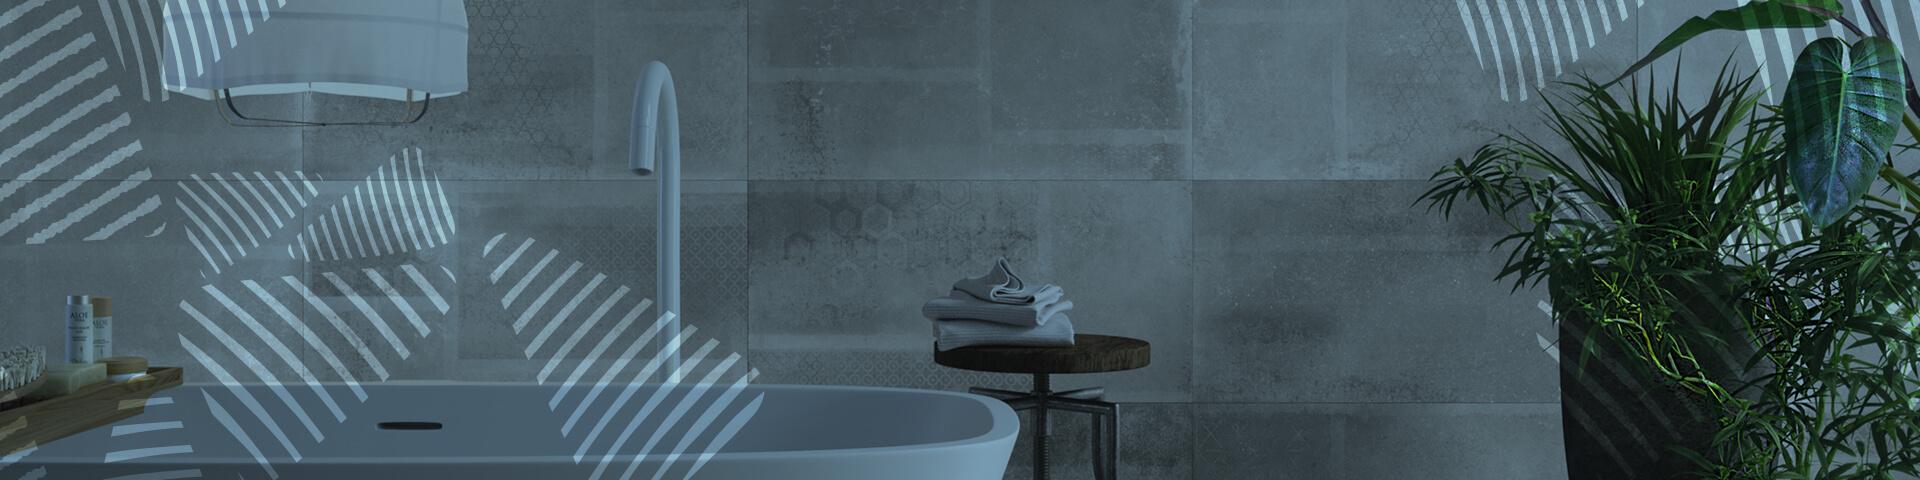 feinsteinzeugfliesen reinigen reinigungsanleitung. Black Bedroom Furniture Sets. Home Design Ideas